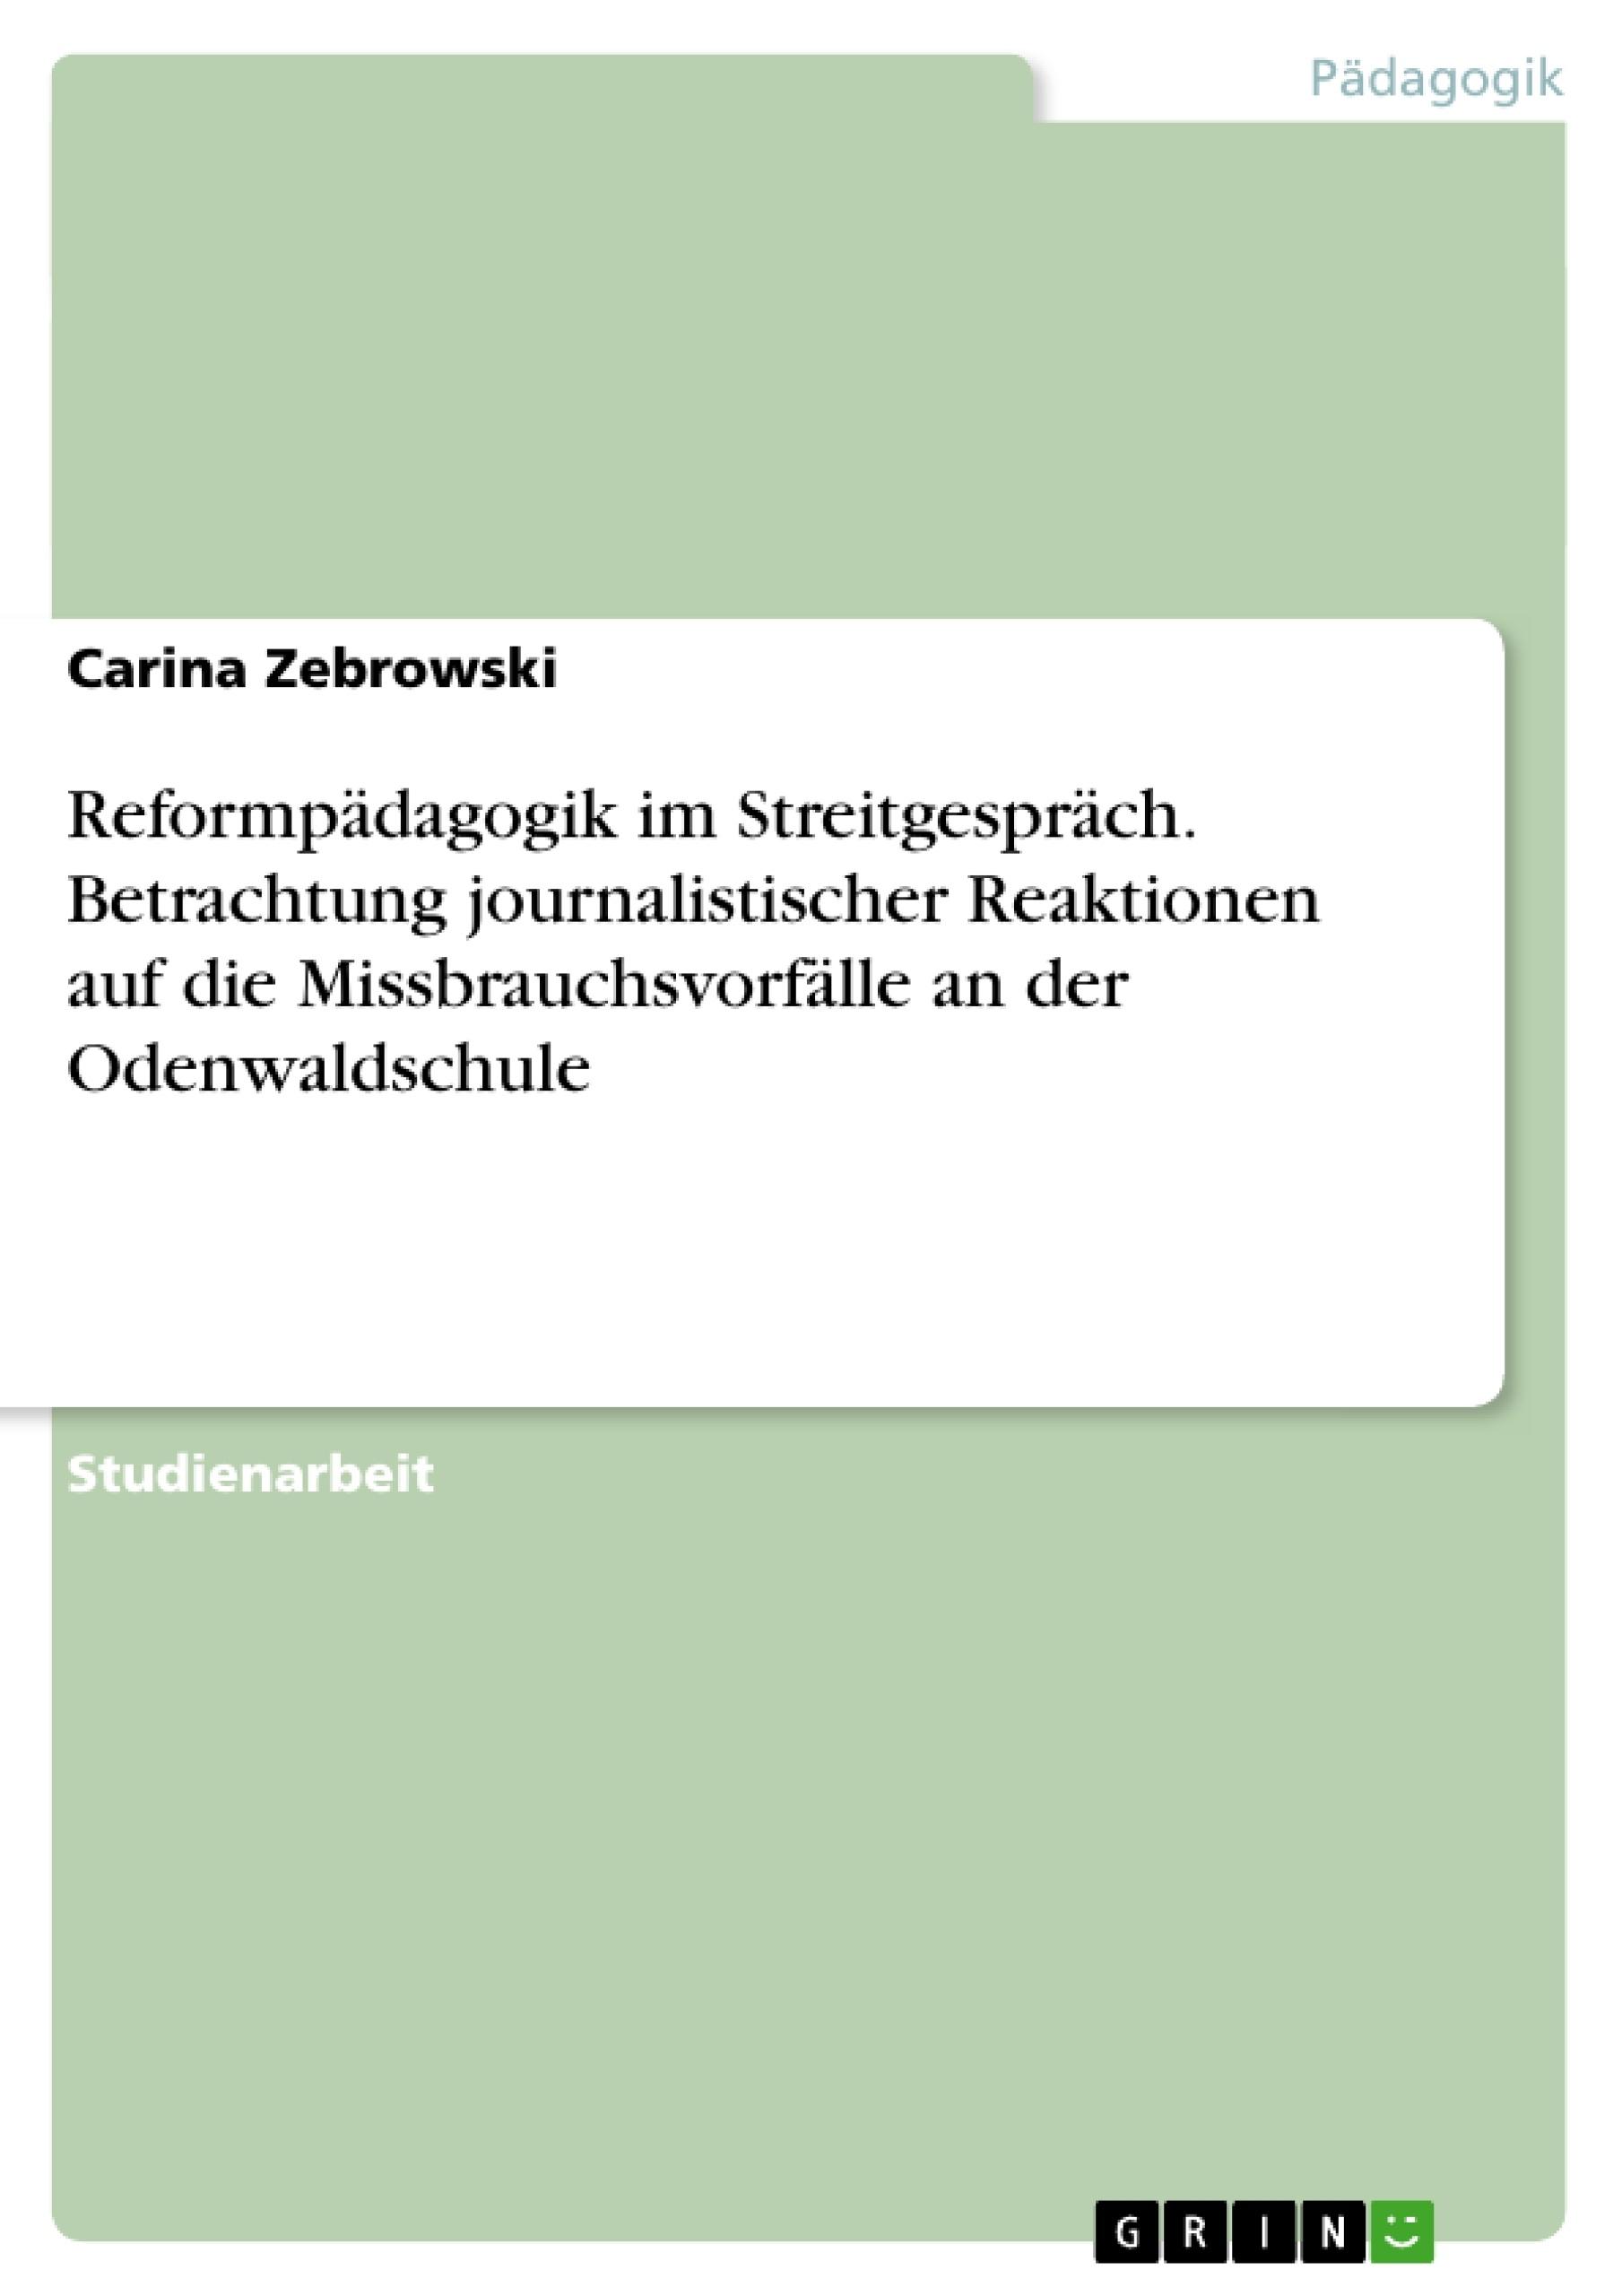 Titel: Reformpädagogik im Streitgespräch. Betrachtung journalistischer Reaktionen auf die Missbrauchsvorfälle an der Odenwaldschule